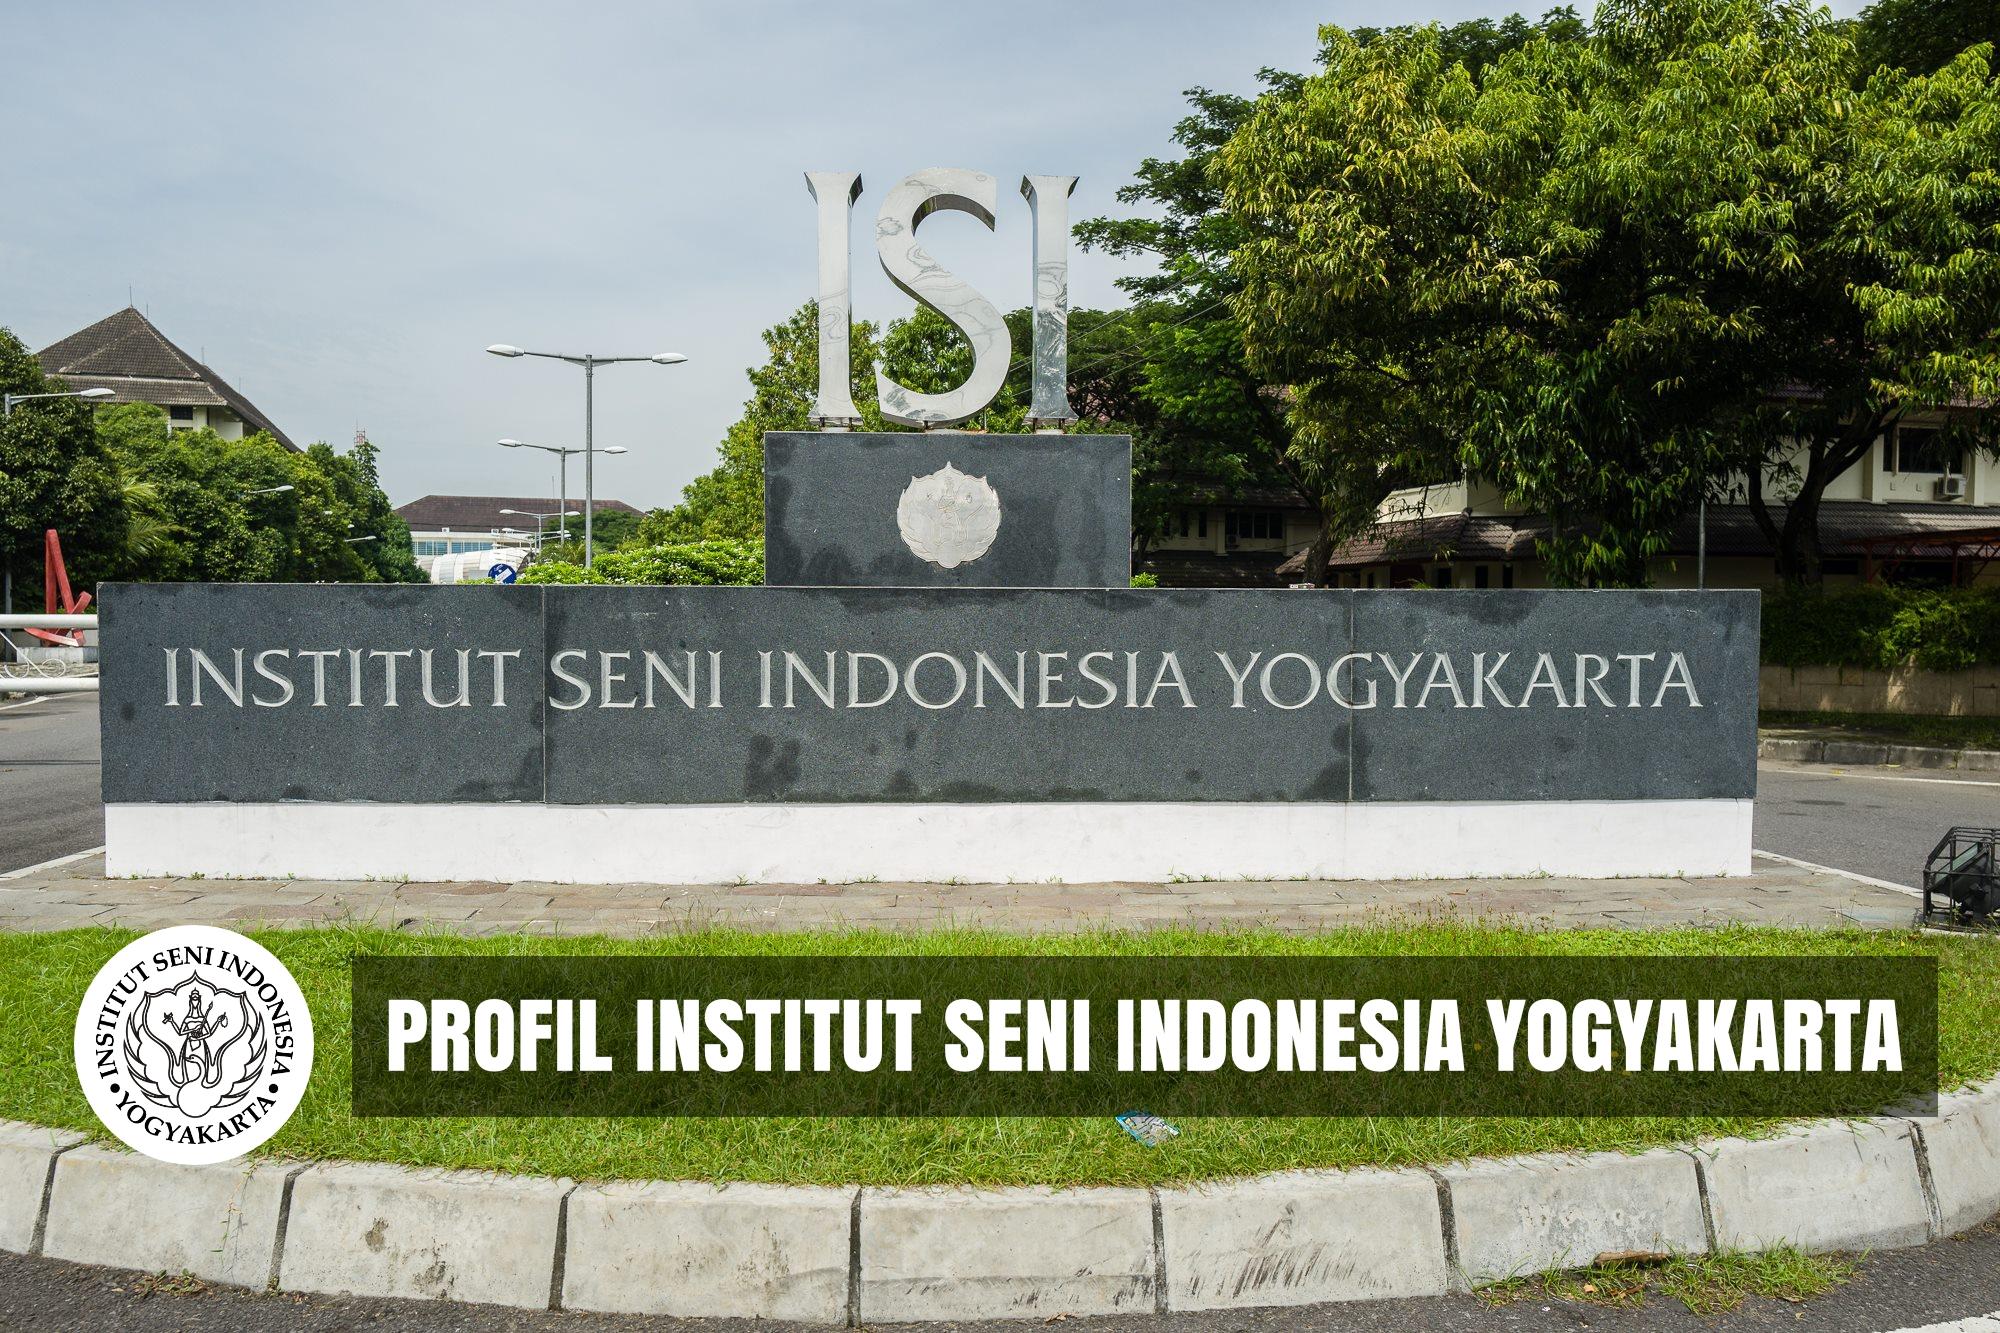 profil kampus isi jogja